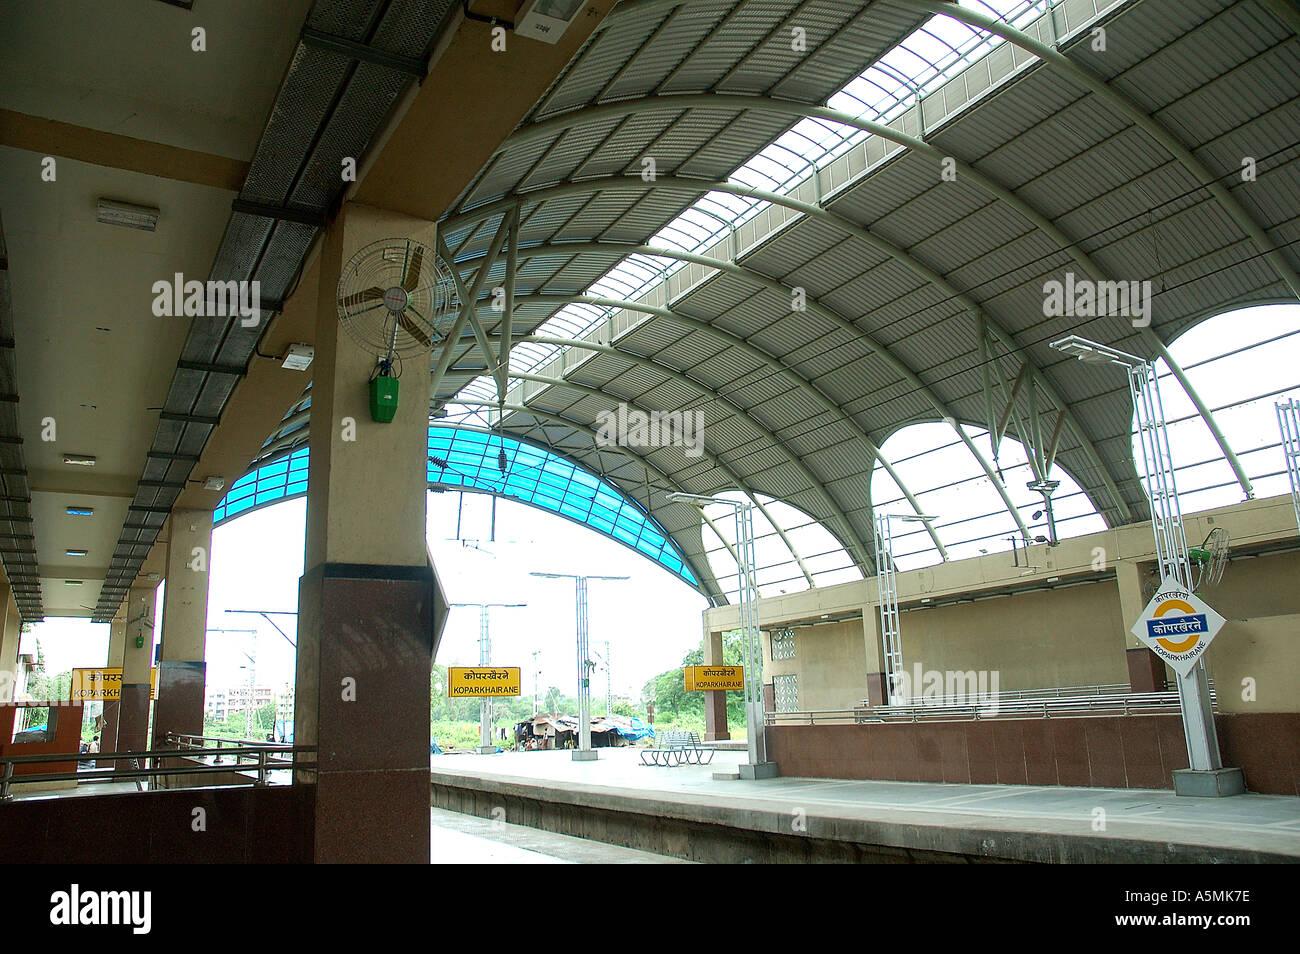 RAJ98892 nouveau moderne de la gare de Koper khairne Vashi Navi Mumbai Maharashtra Inde Bombay Photo Stock